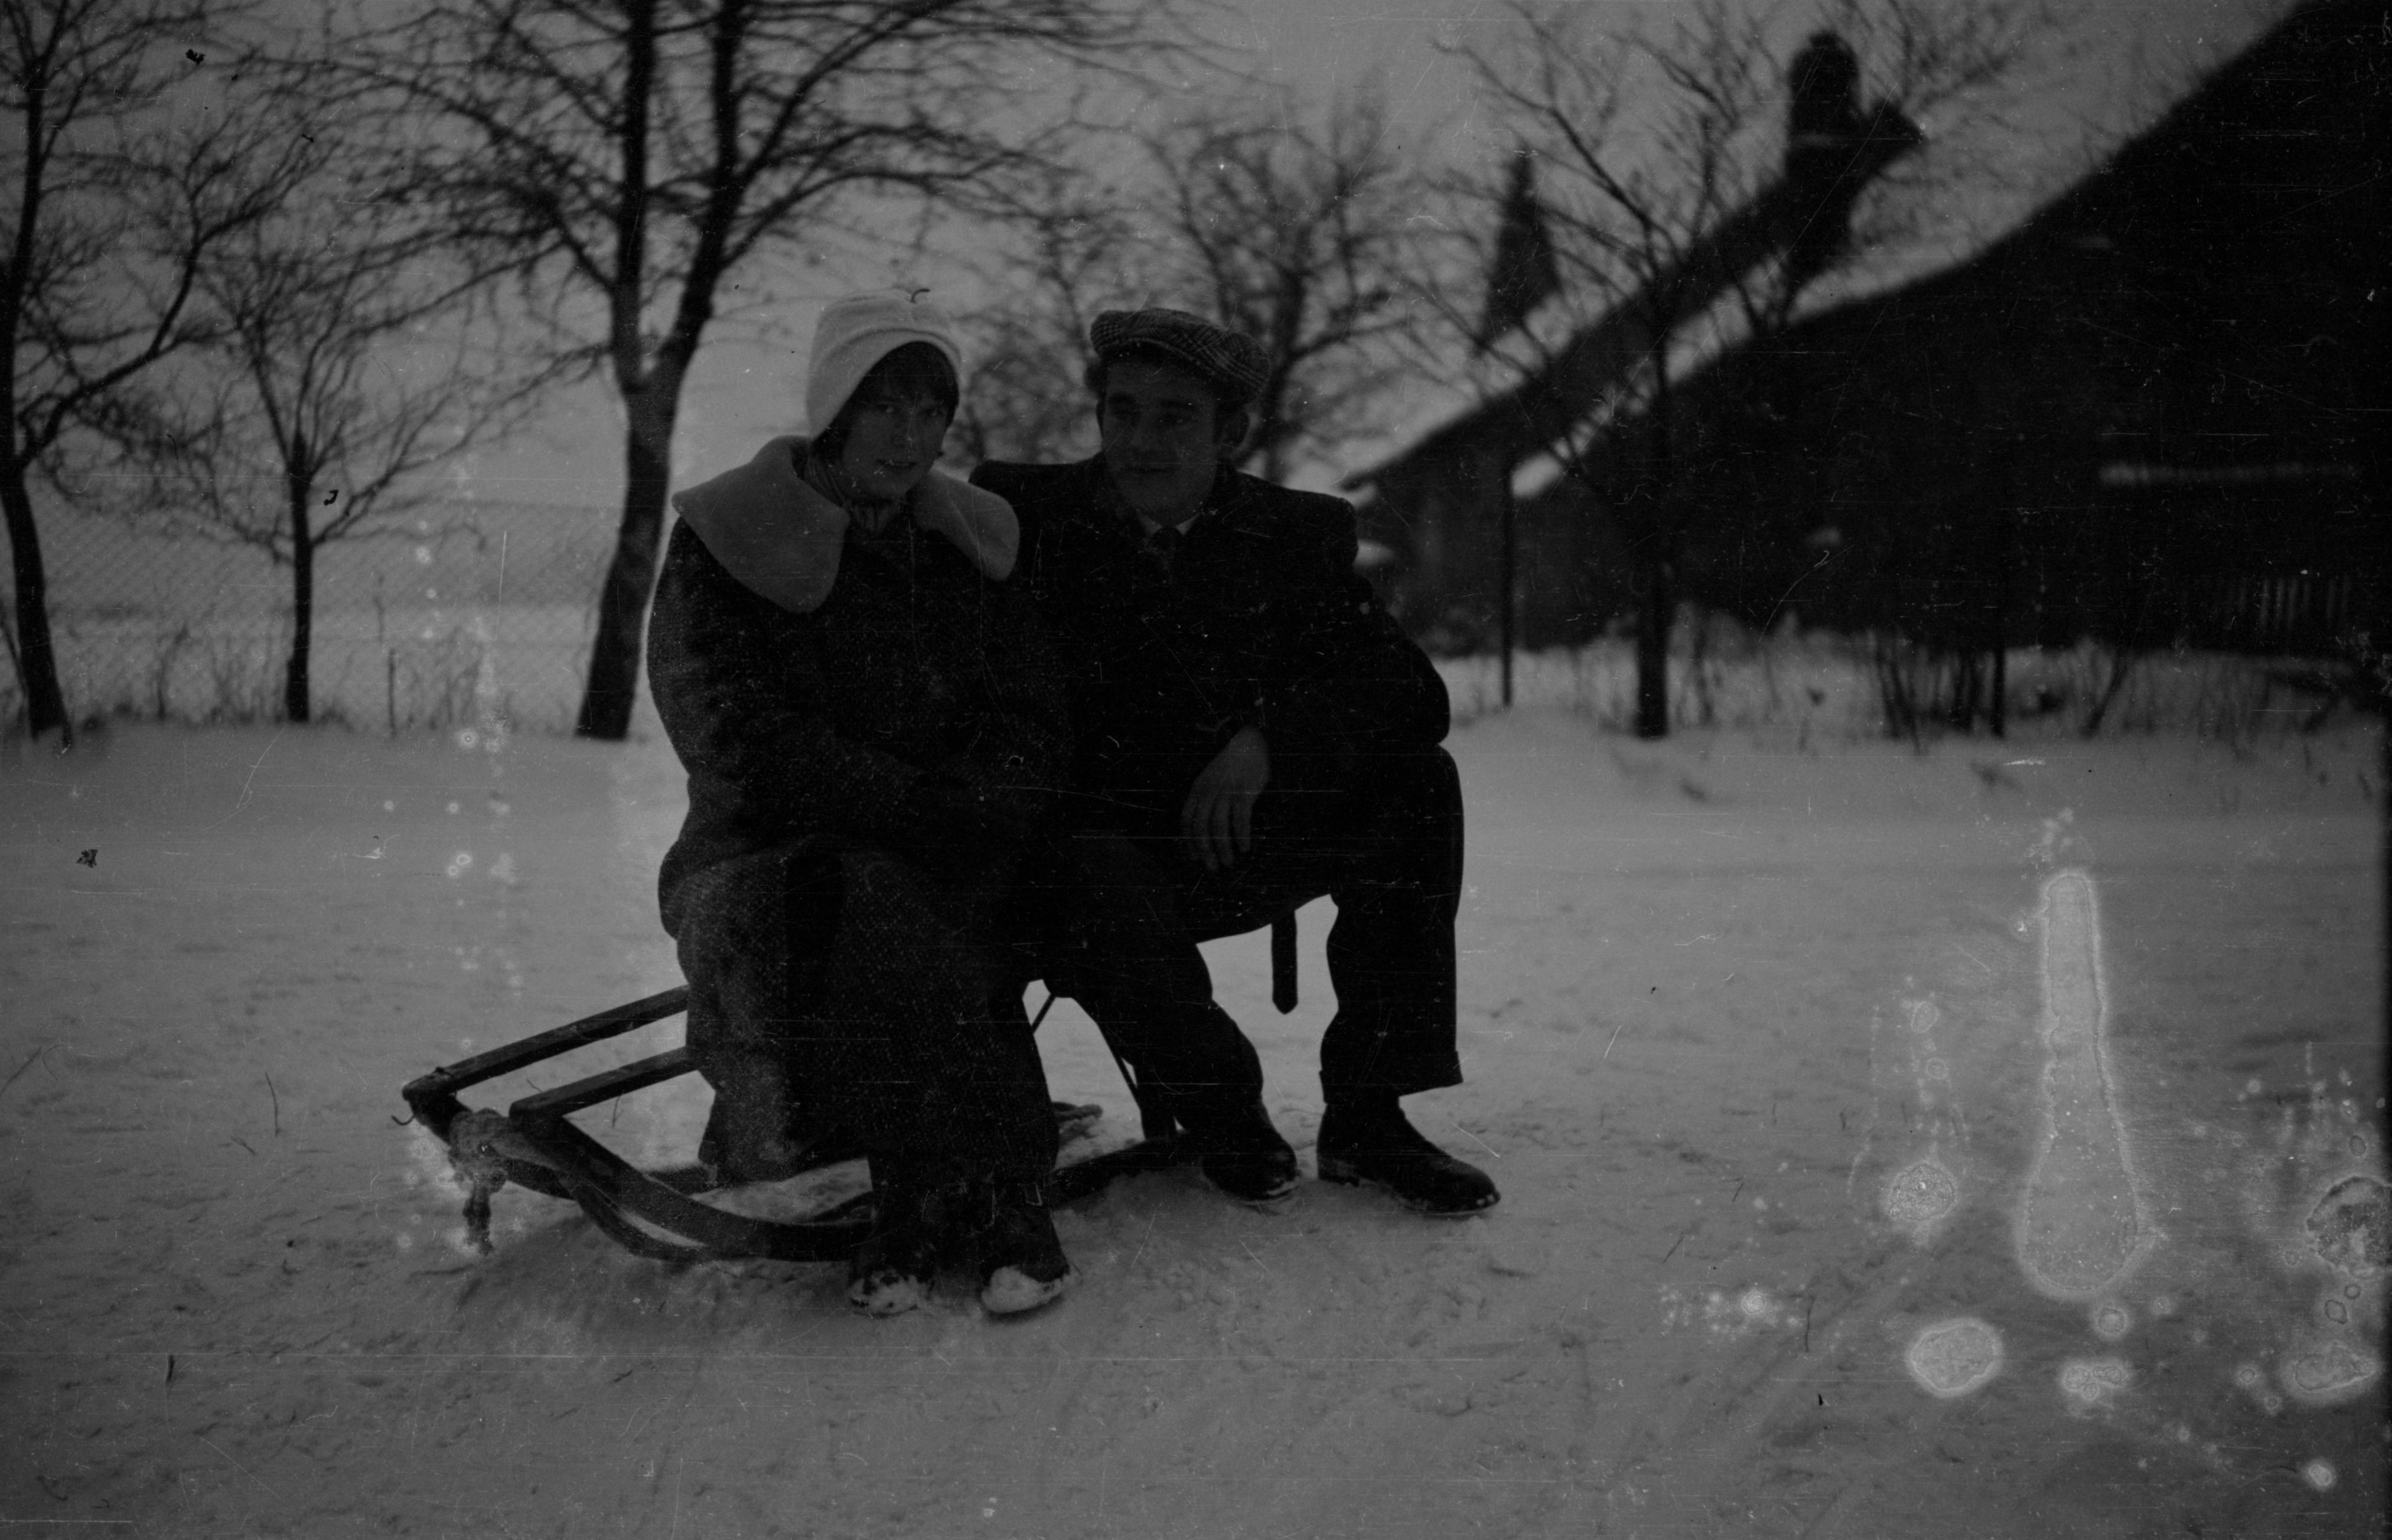 Zdjęcie na sankach, Dolny Śląsk, lata 50. XX w.